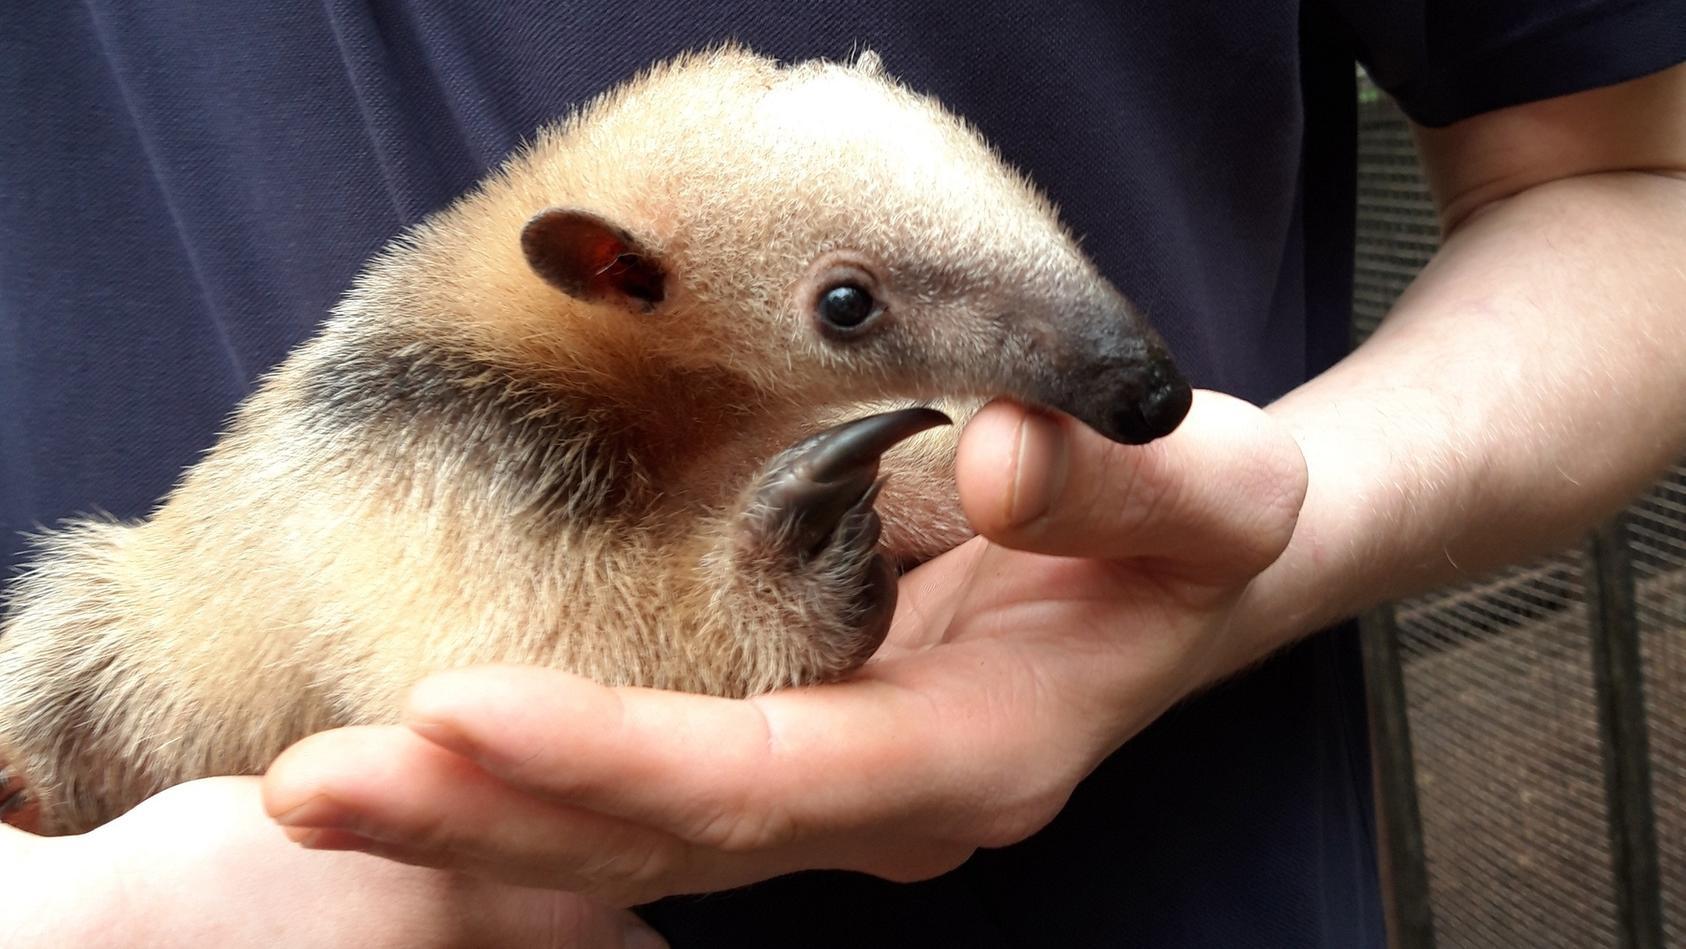 Nachwuchs im Duisburger Zoo: Mutter Persea brachte einen kleinen Ameisenbär zur Welt.